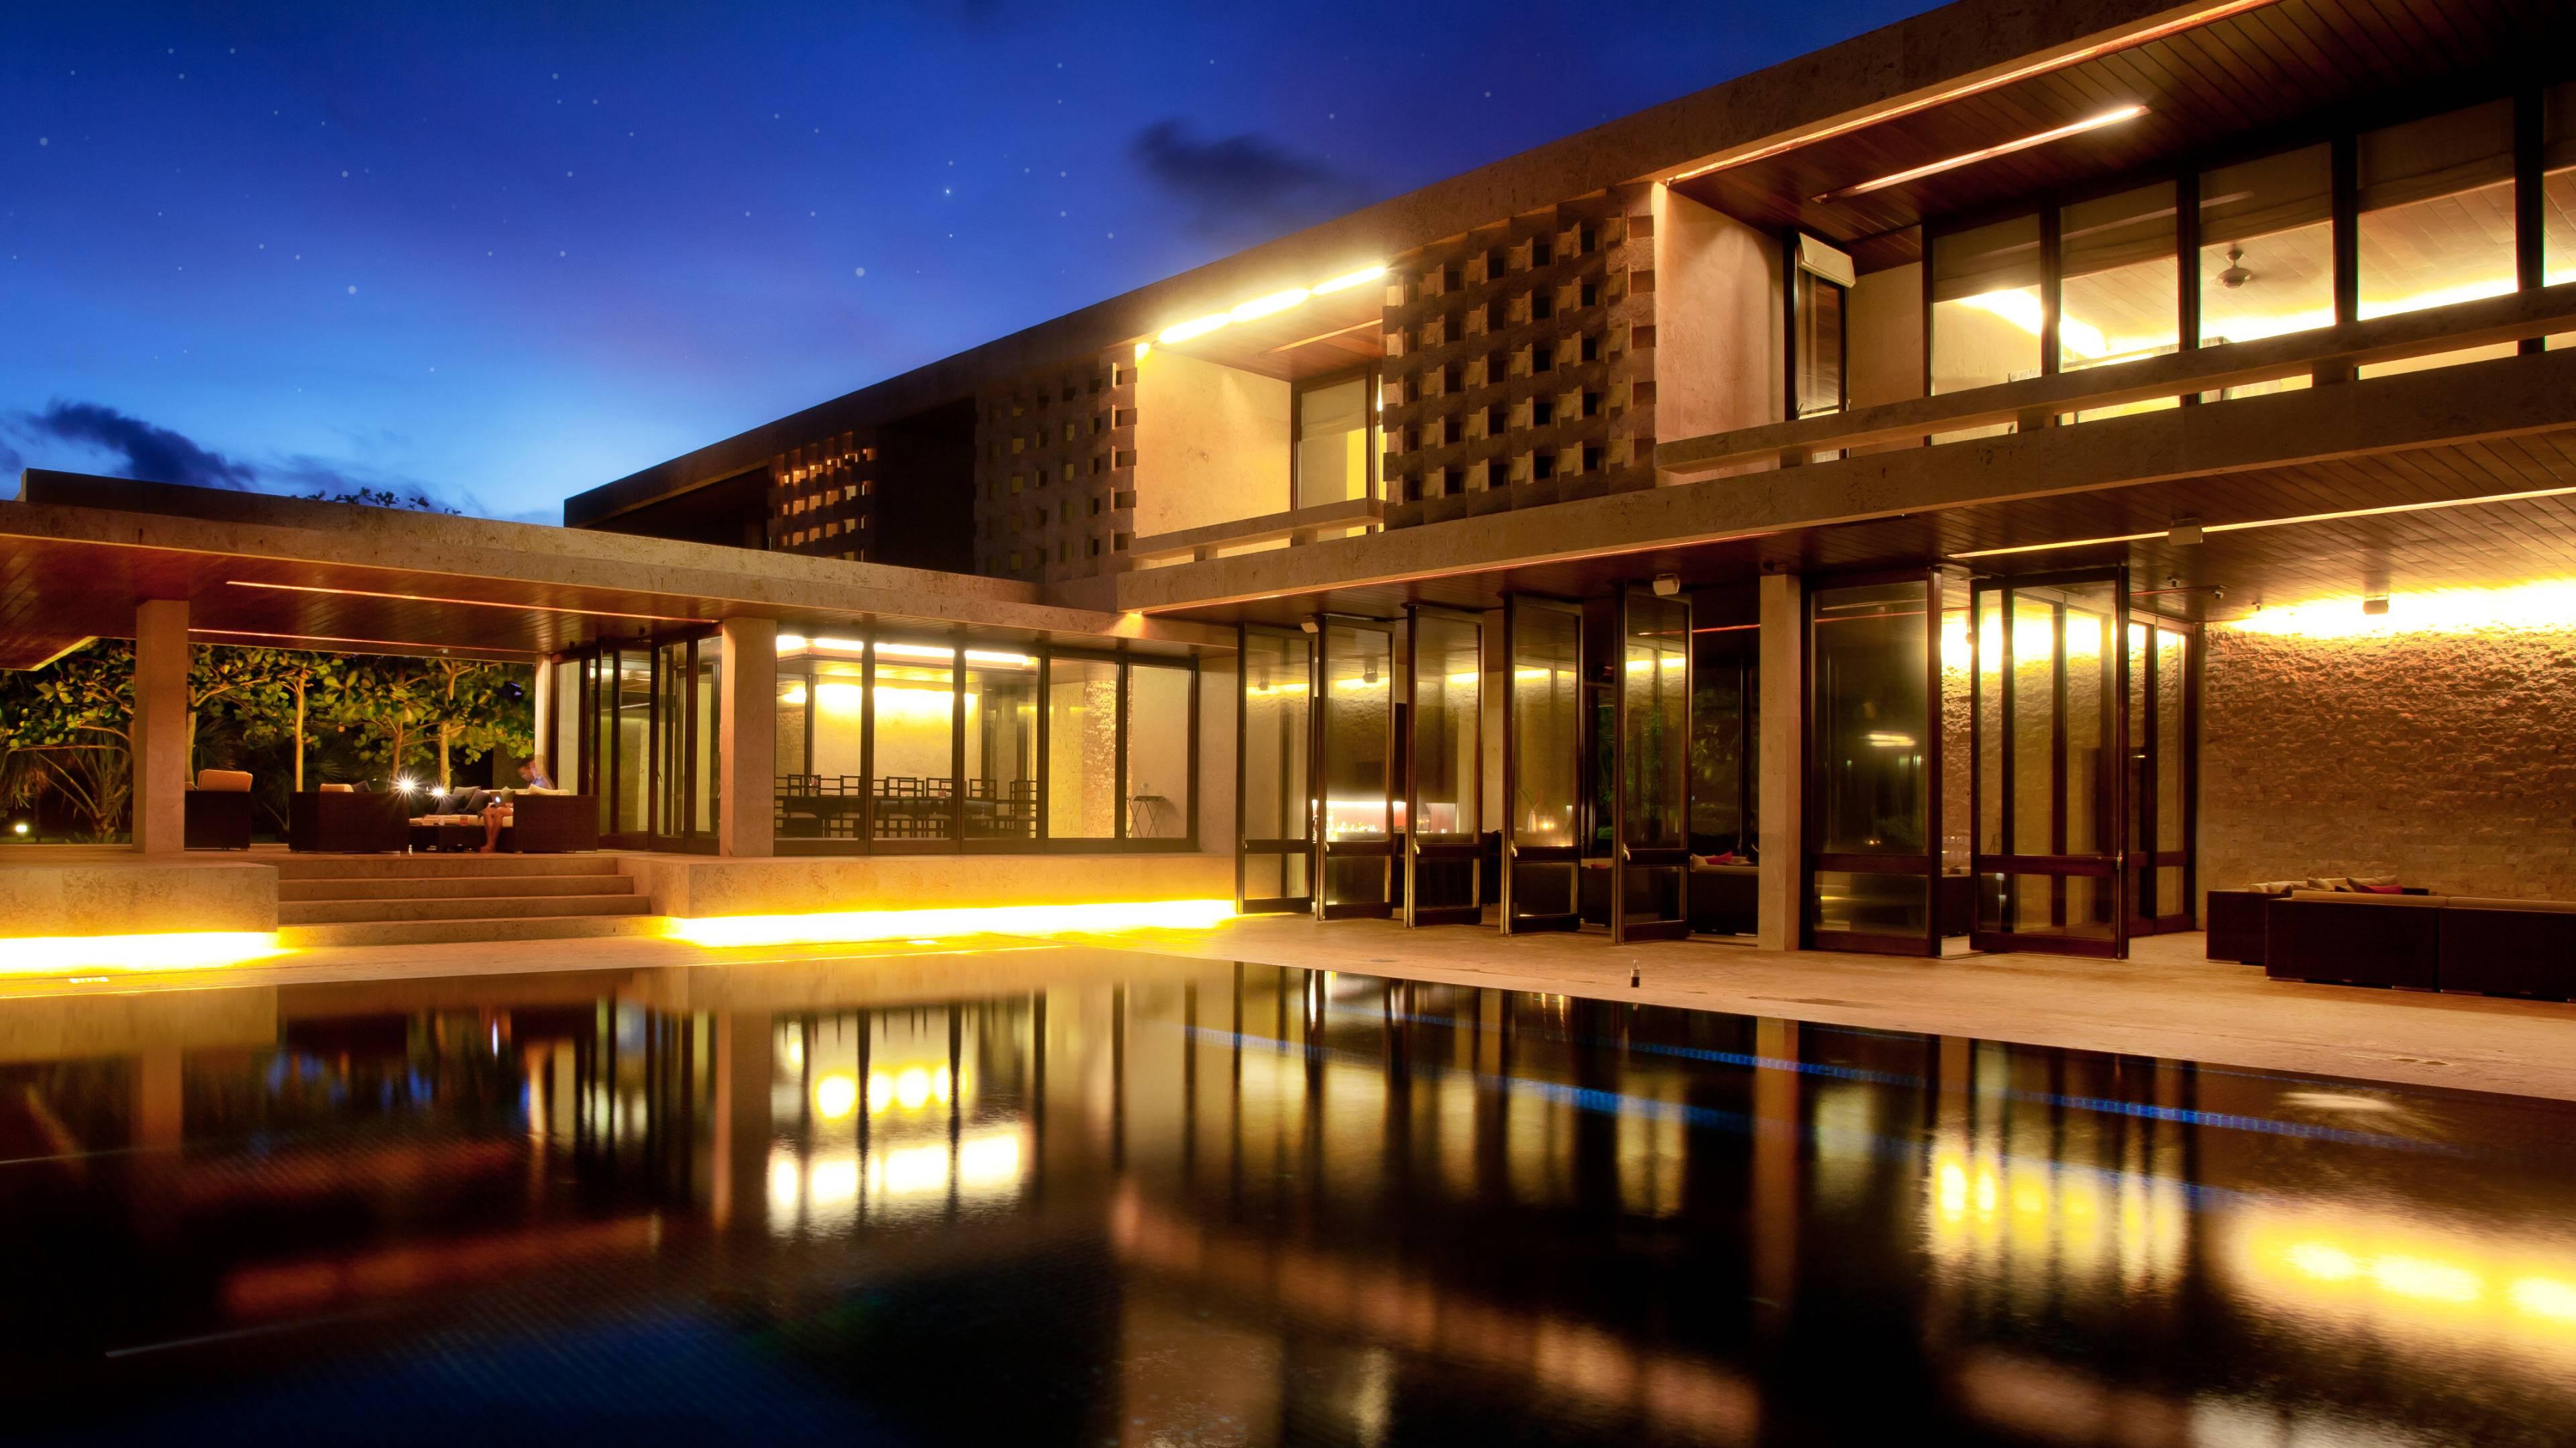 Dominican Republic, Cabrera, Casa Kimball, Nighttime Architecture ...